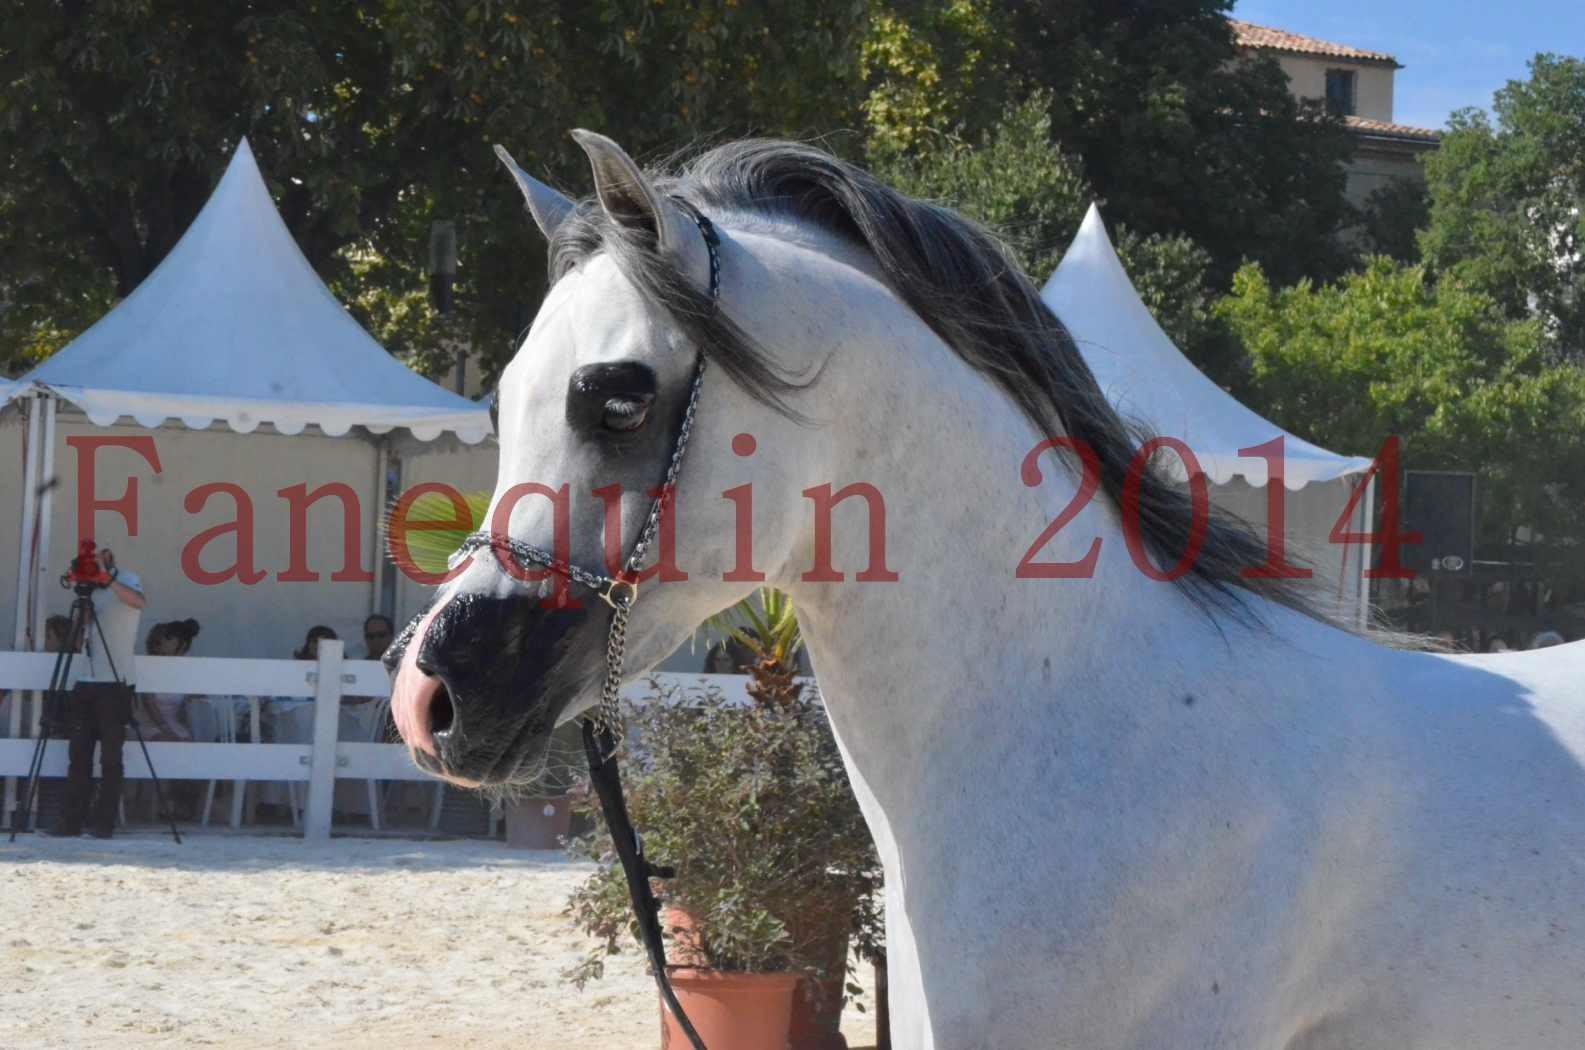 Concours National de Nîmes de chevaux ARABES 2014 - Championnat - SHAOLIN DE NEDJAIA - 23